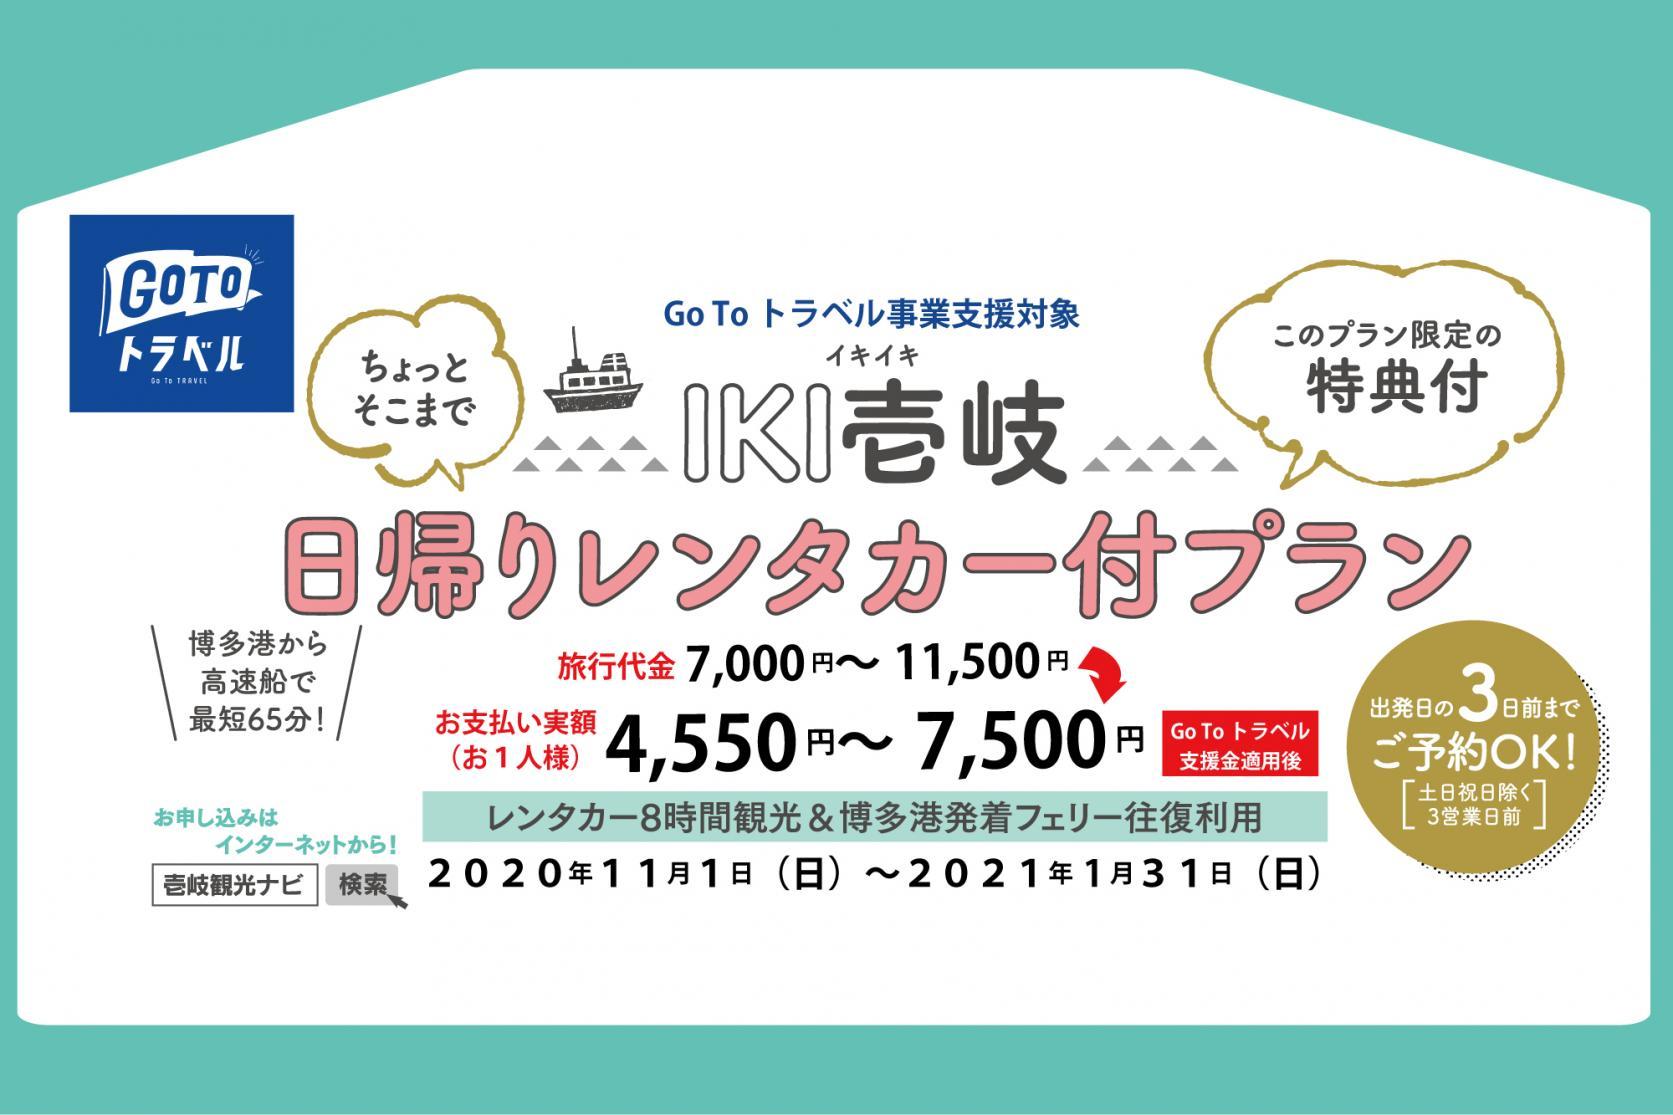 11/1~ Go Toトラベル事業支援対象商品 IKI壱岐日帰りレンタカー付プラン-1